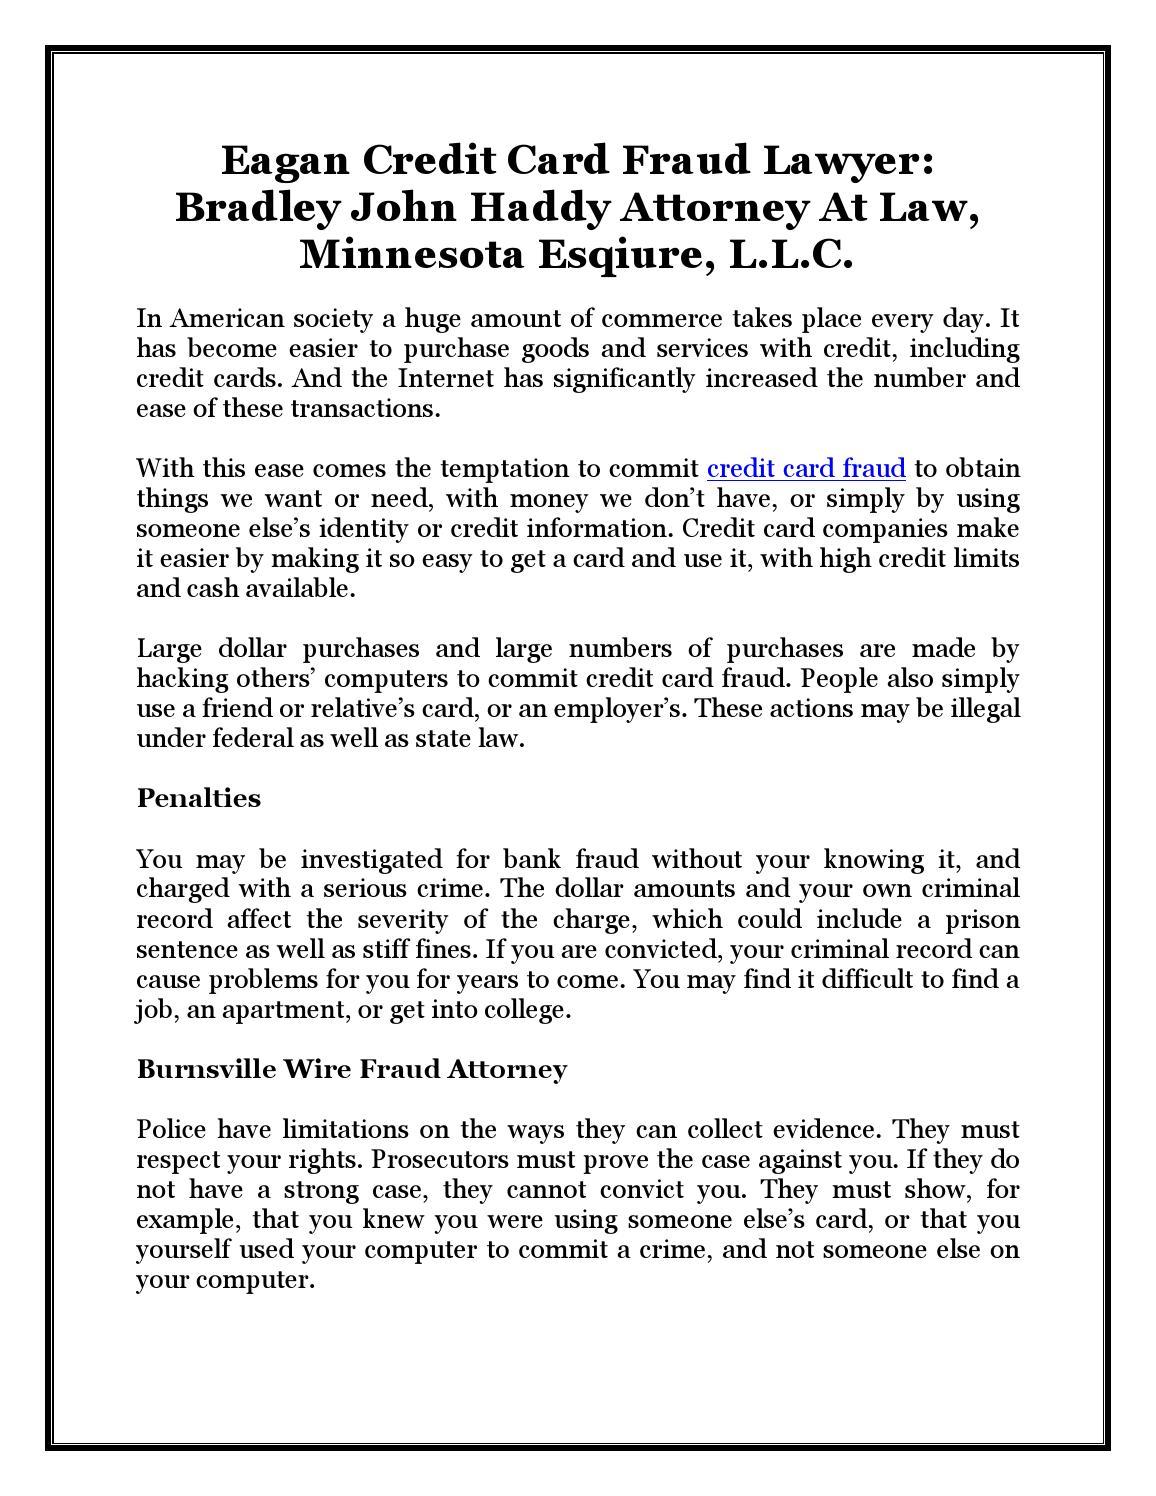 Eagan Credit Card Fraud Lawyer: Bradley John Haddy Attorney At Law ...